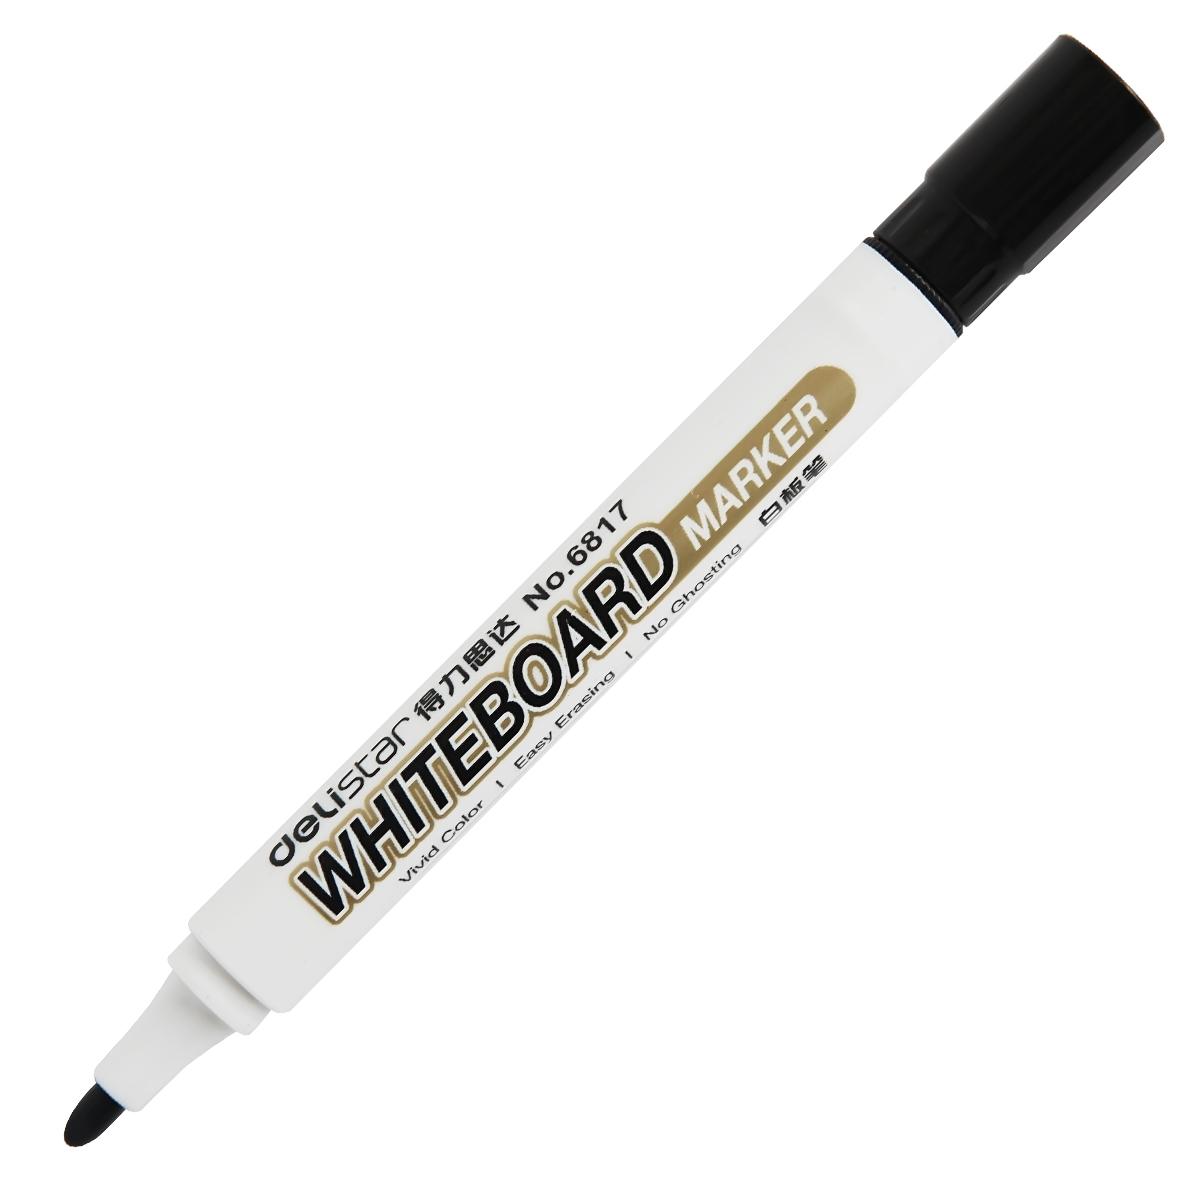 得力6817单头白板笔可擦拭水性笔黑板书写笔无毒儿童画板笔黑色红色蓝色得力白板笔得力可擦白板笔办公用品